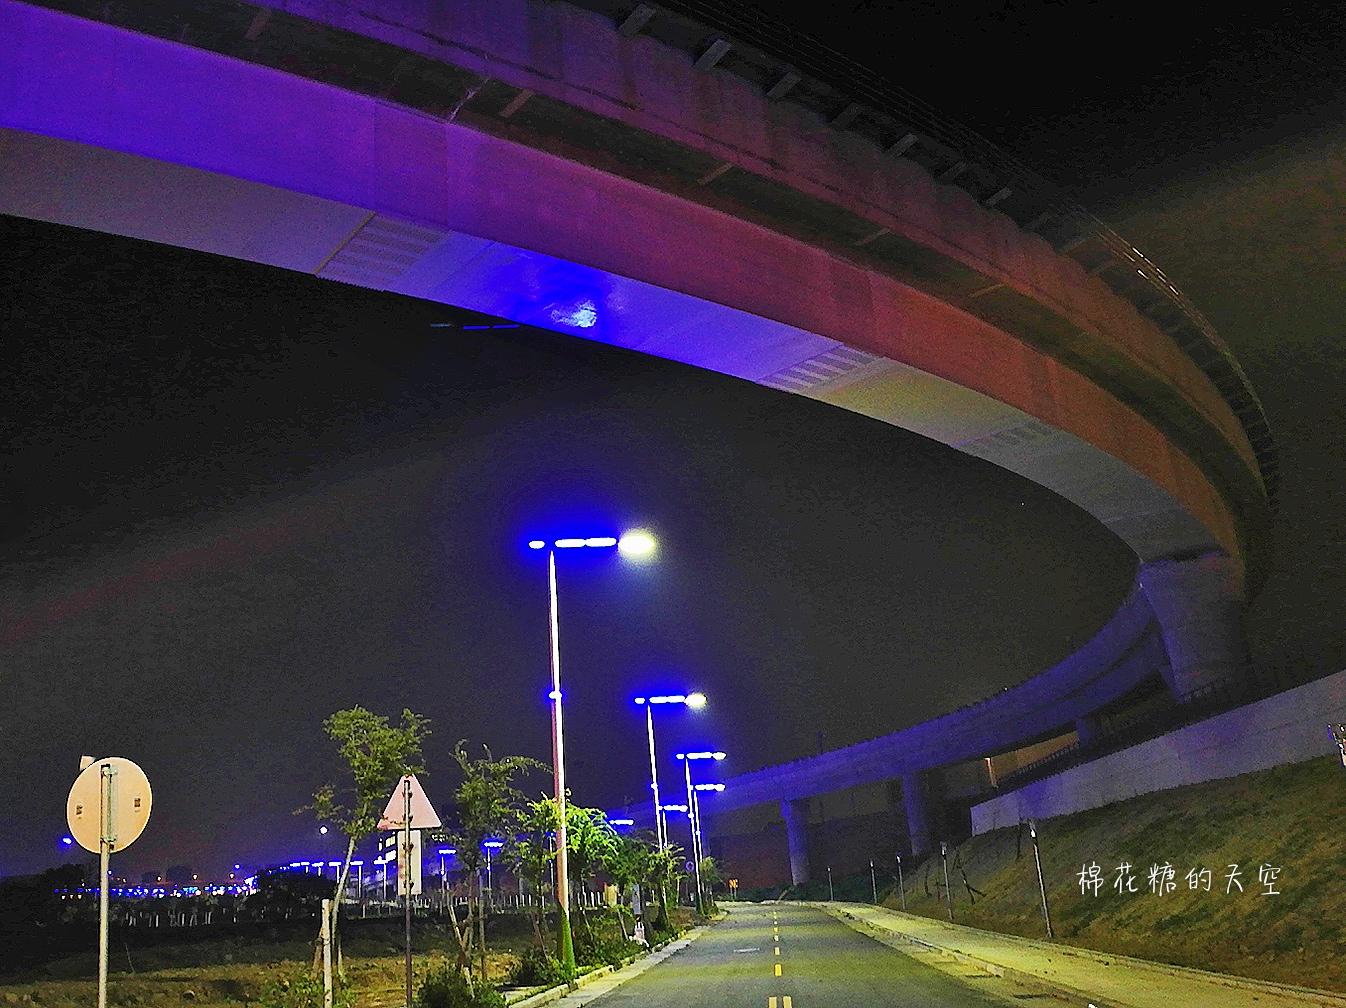 20180318232052 94 - 台中北屯新景點神秘藍色公路開通囉!藍紫色路燈好浪漫~